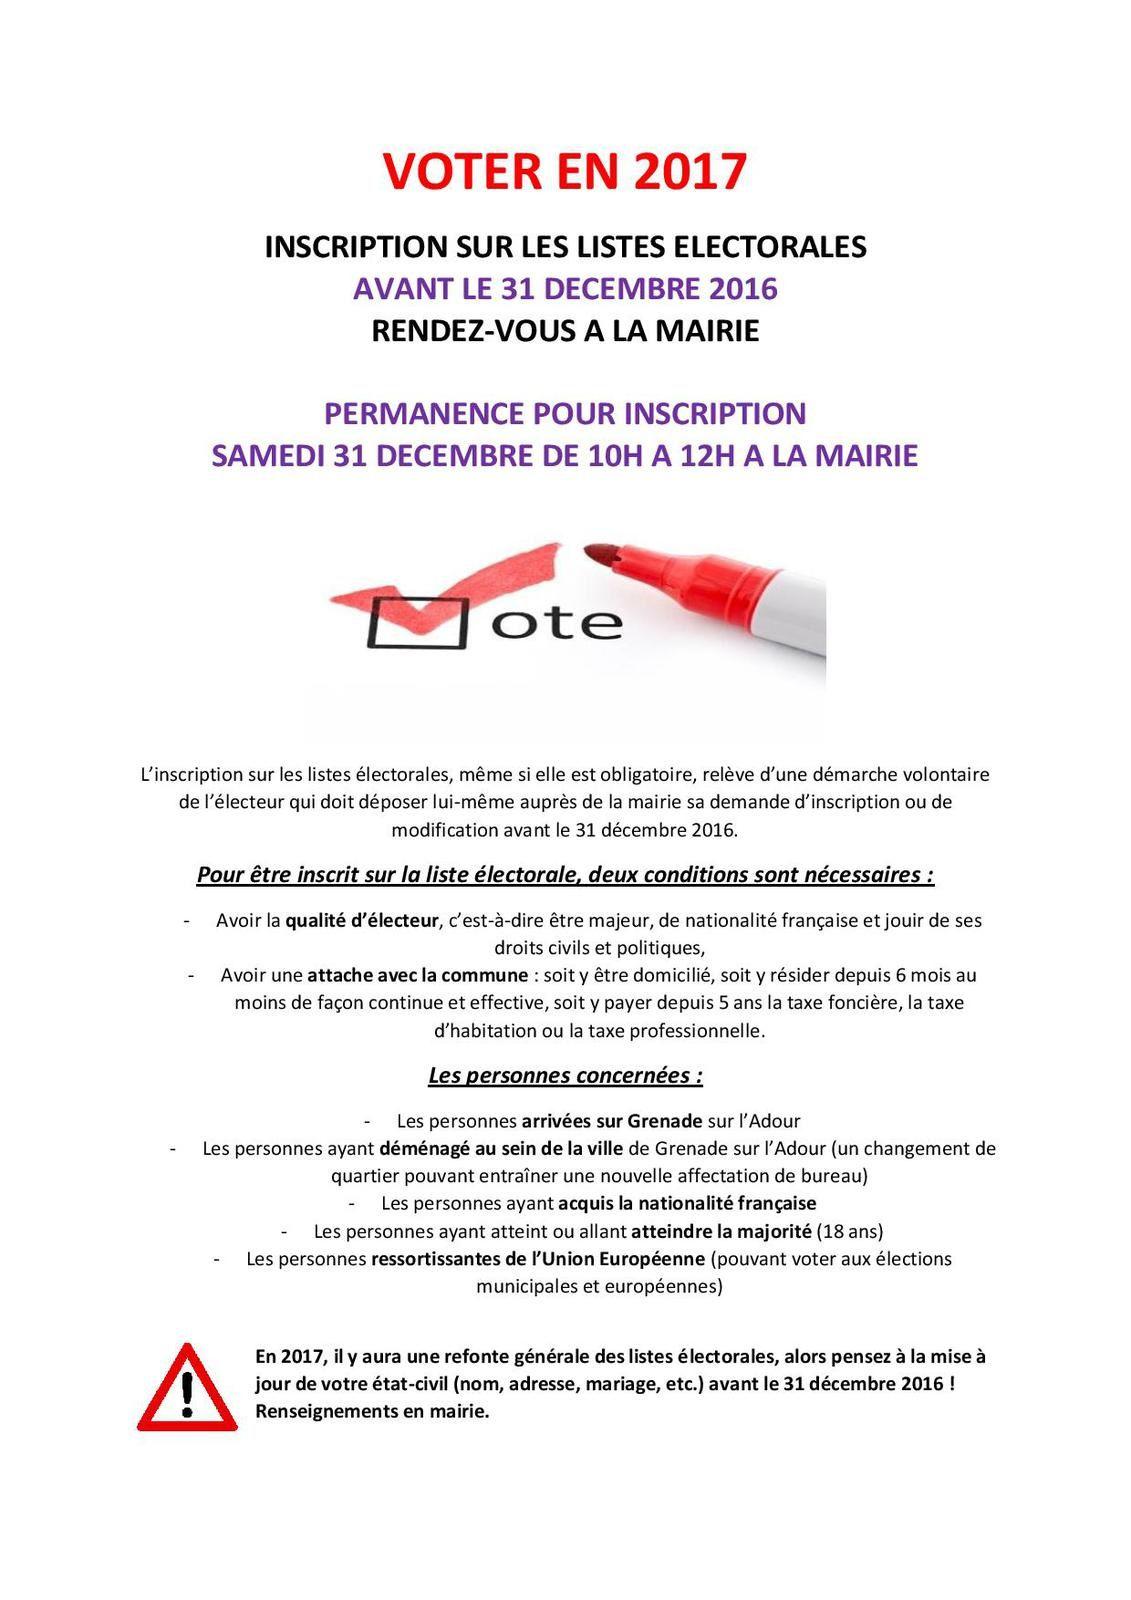 Permanence &quot&#x3B;inscriptions sur listes électorales&quot&#x3B; le 31/12 de 10h à 12h à la Mairie